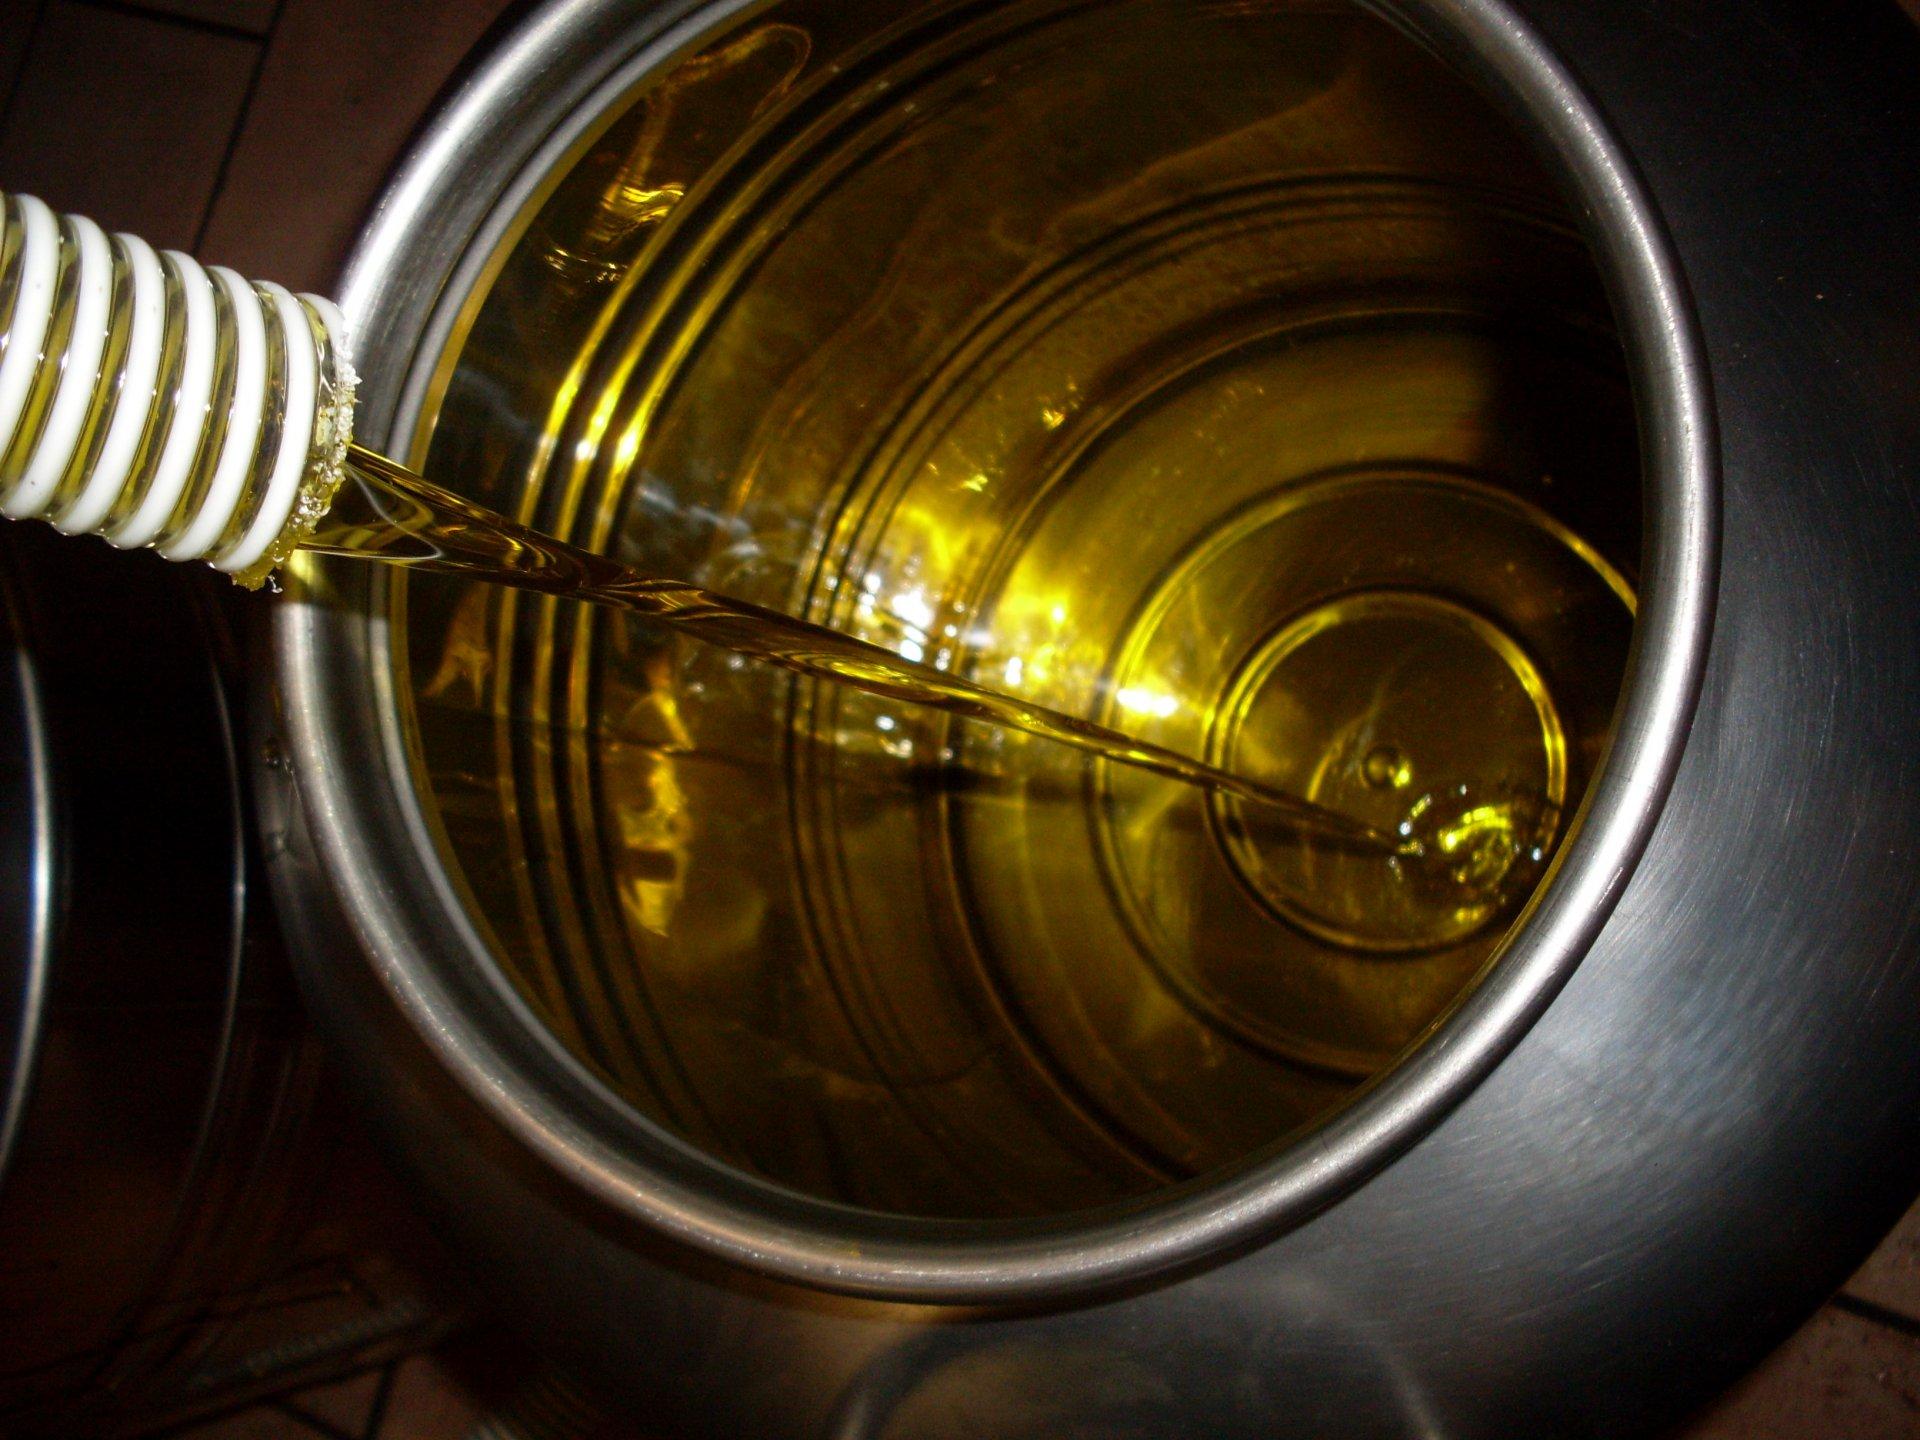 L'aspetto visivo dell'olio